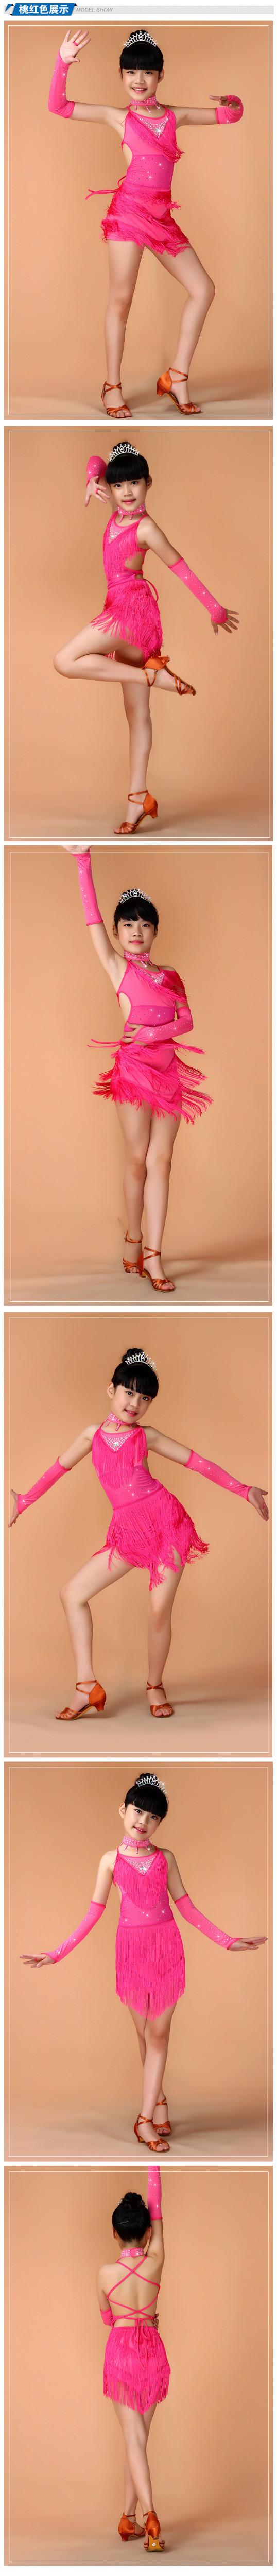 DB23707 latin salsa dance dress-6